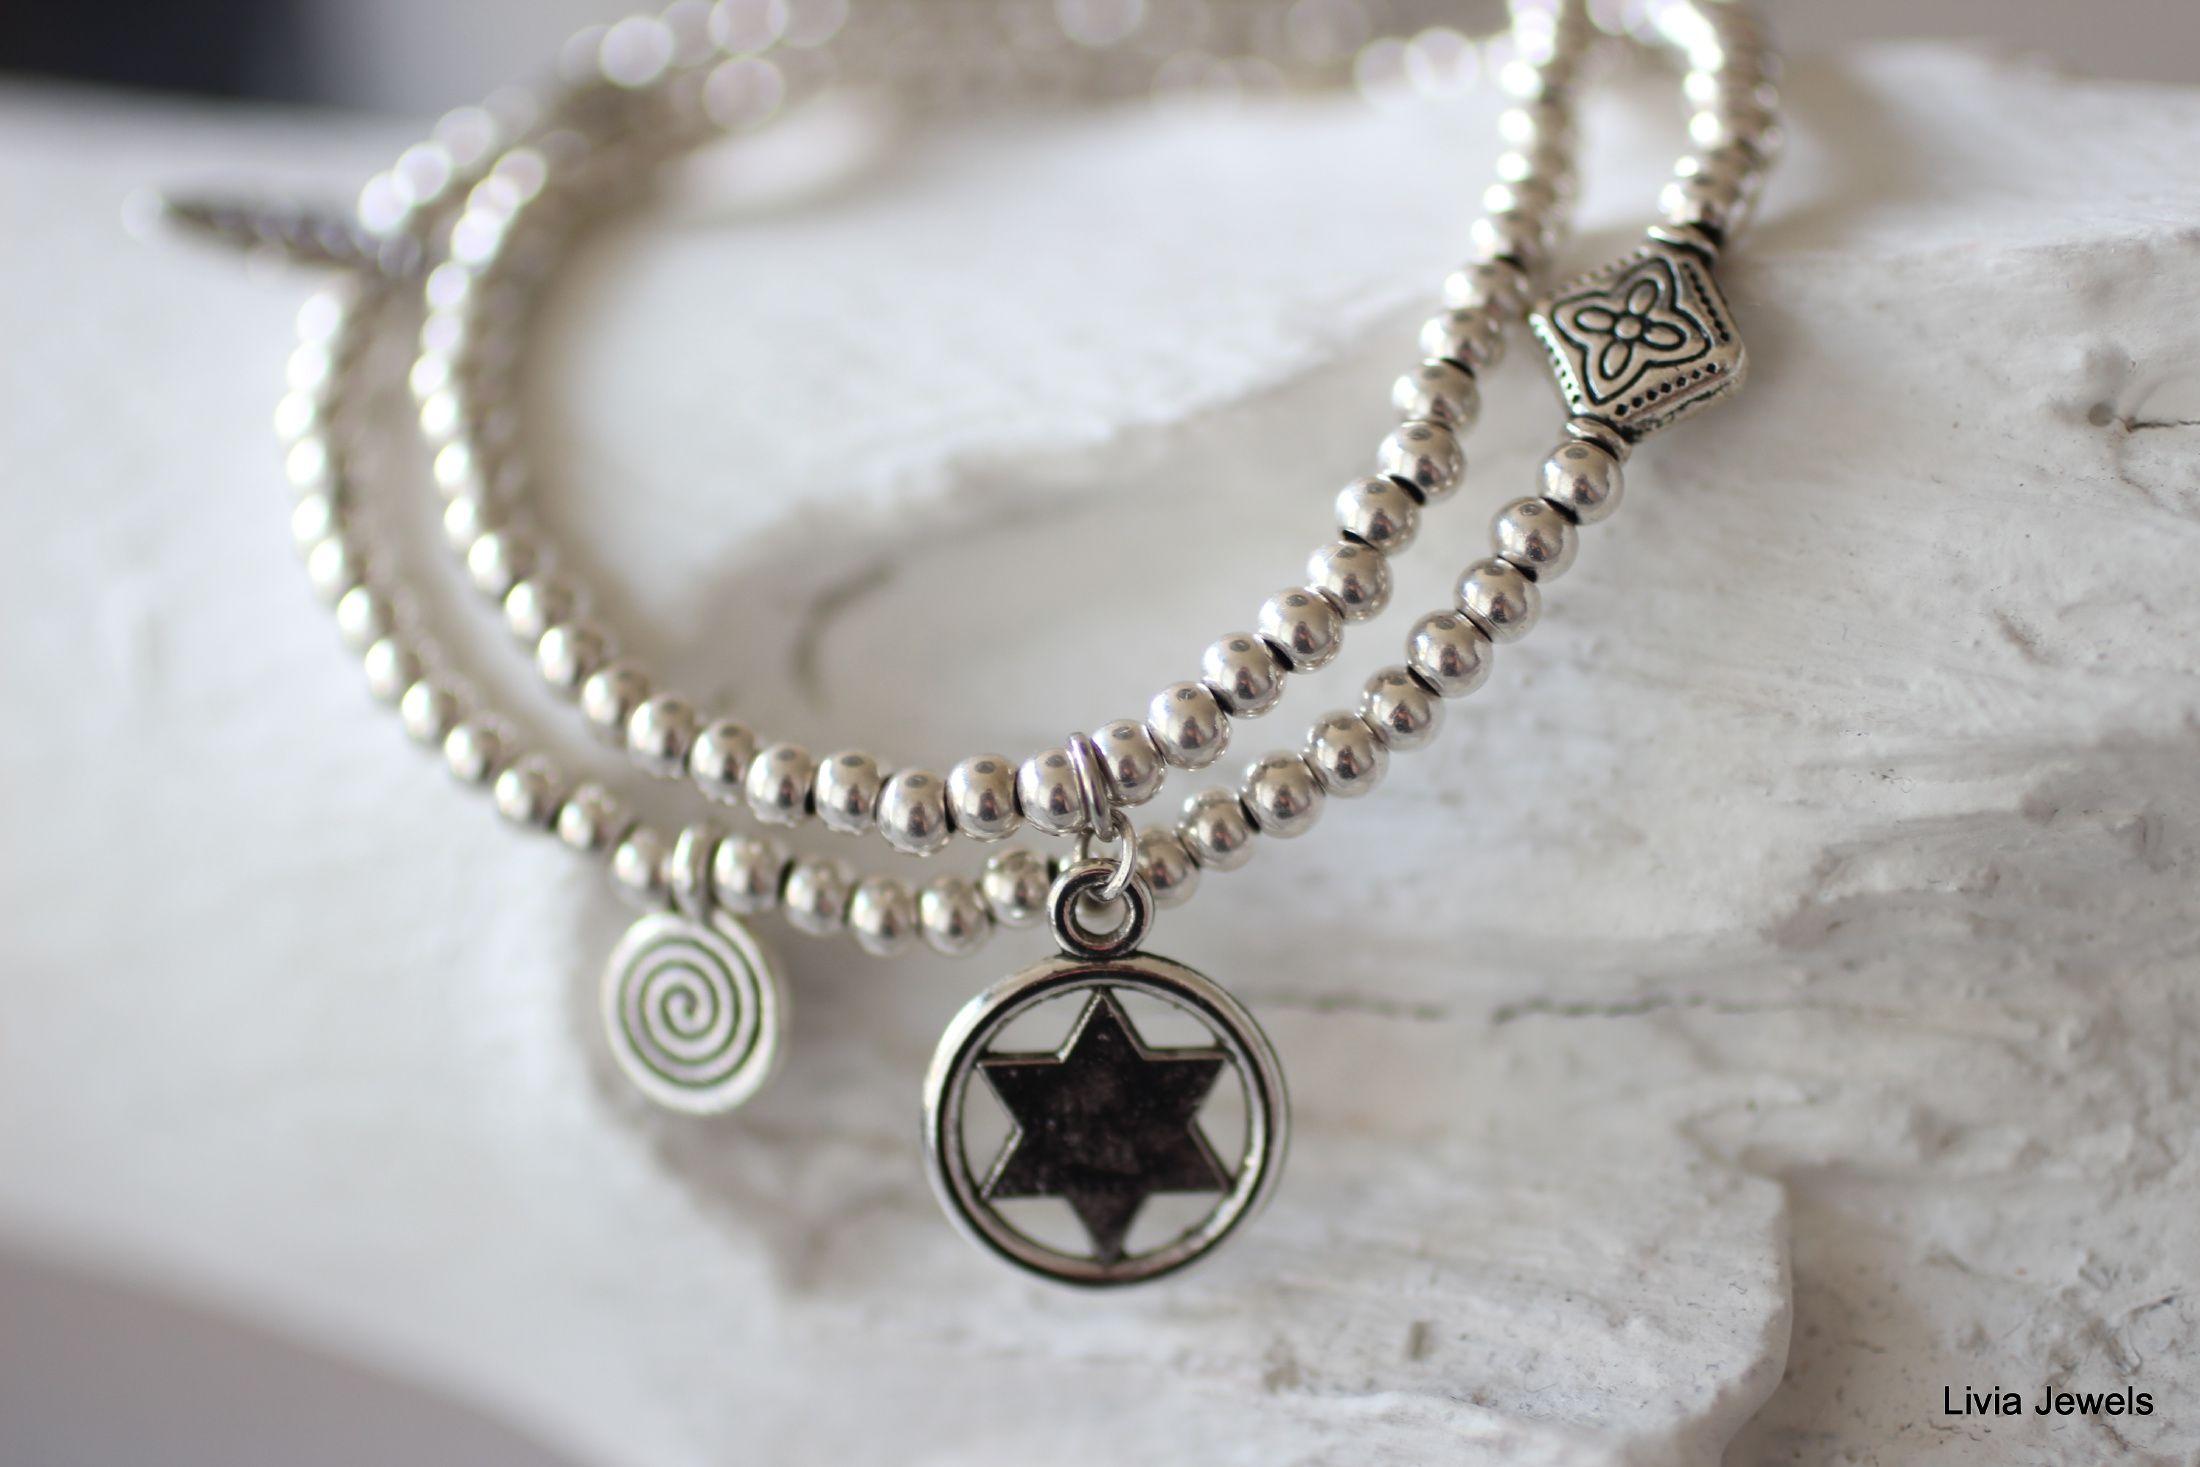 Livia jewels www.villavica.nl